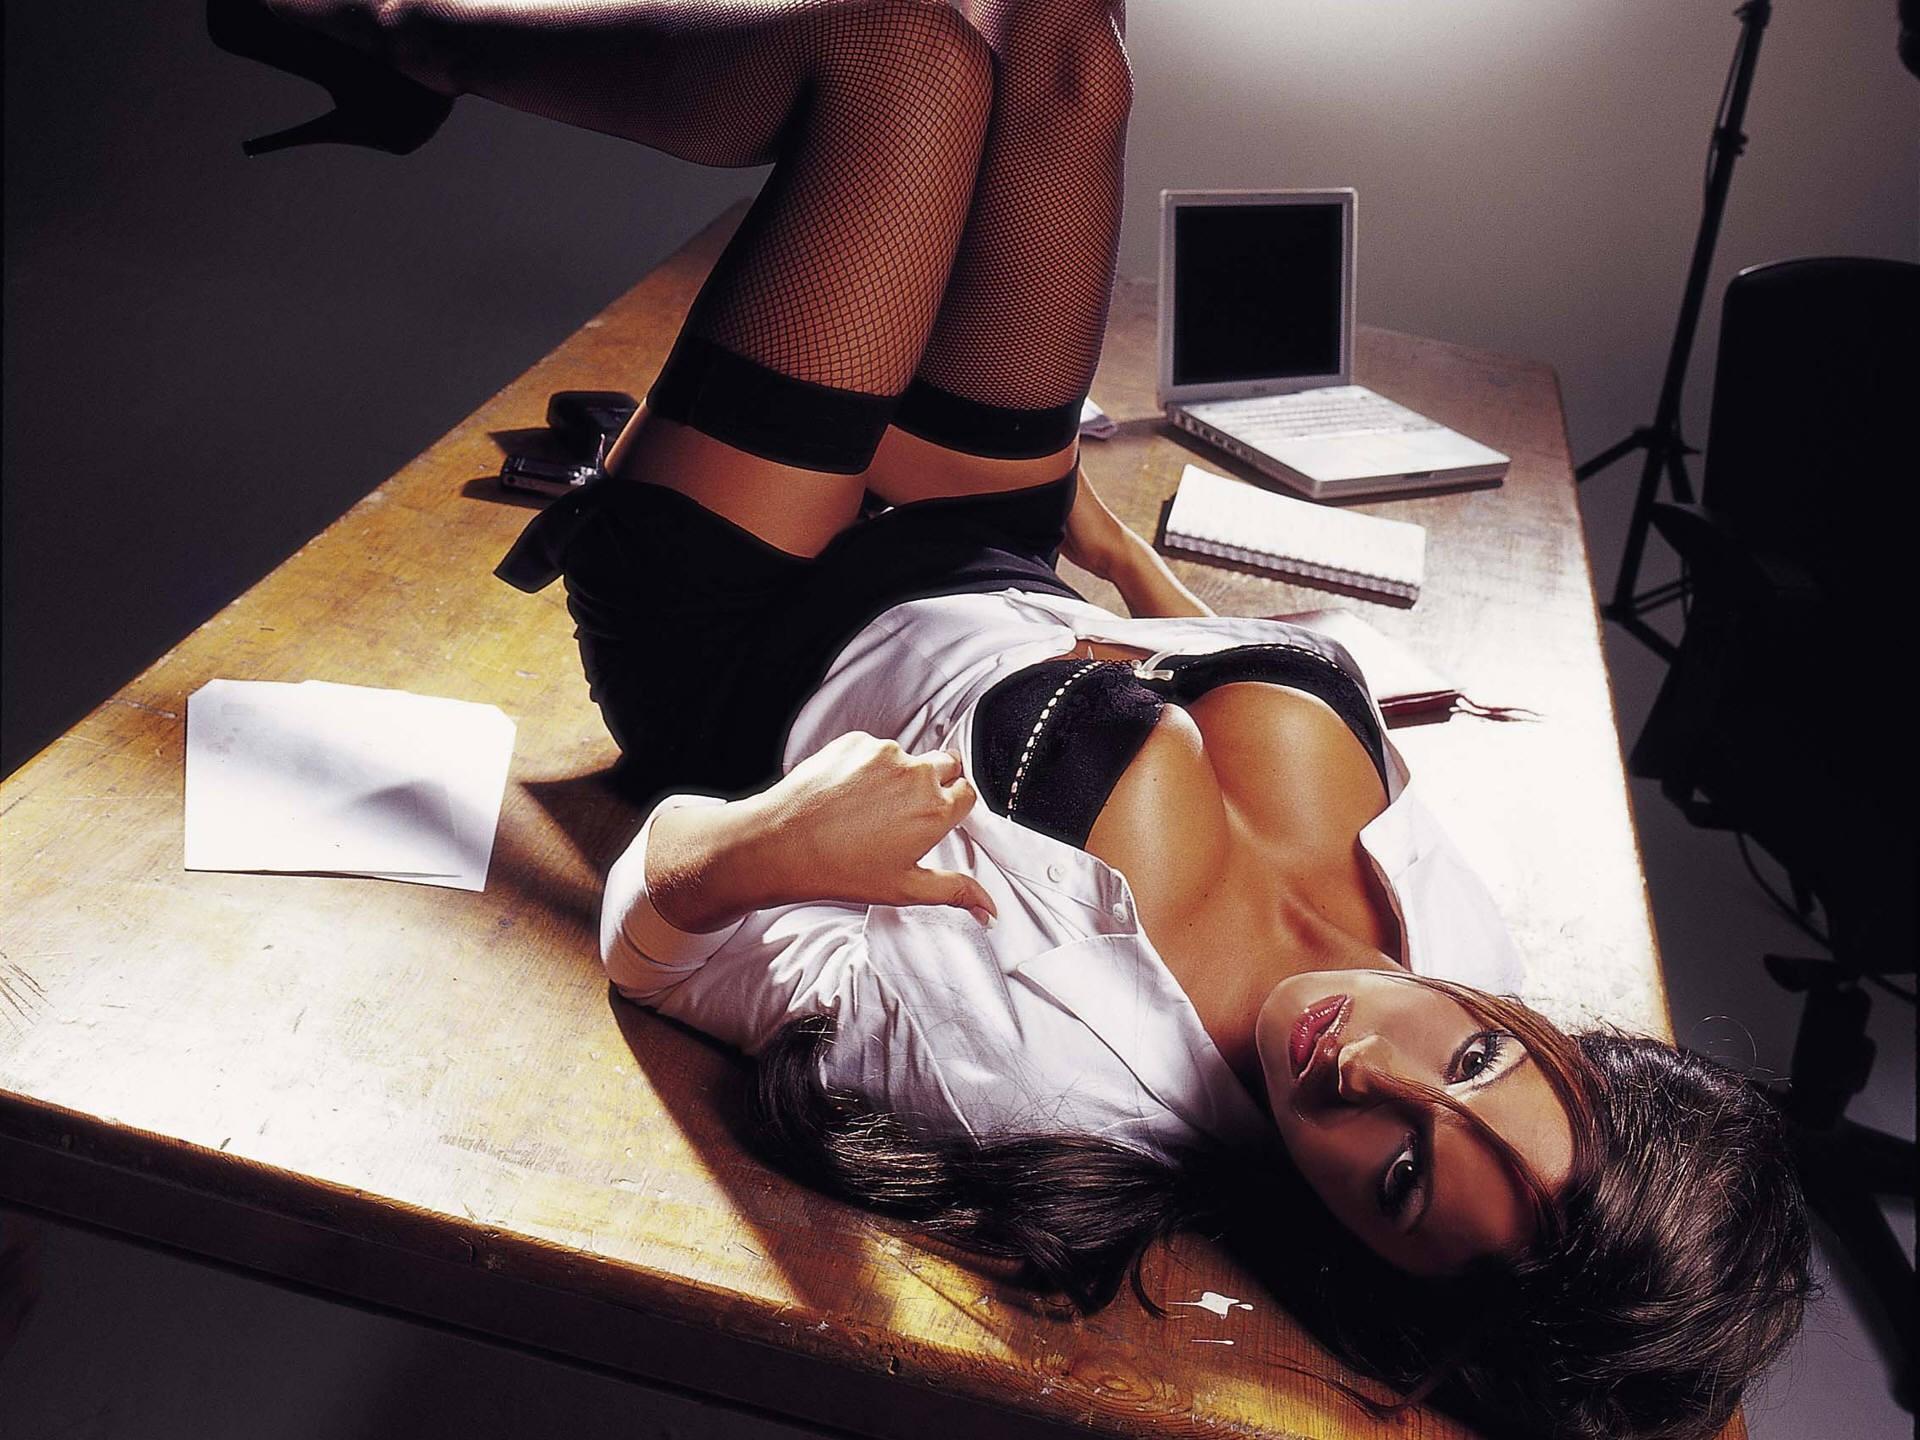 секретарша за работой-яы1